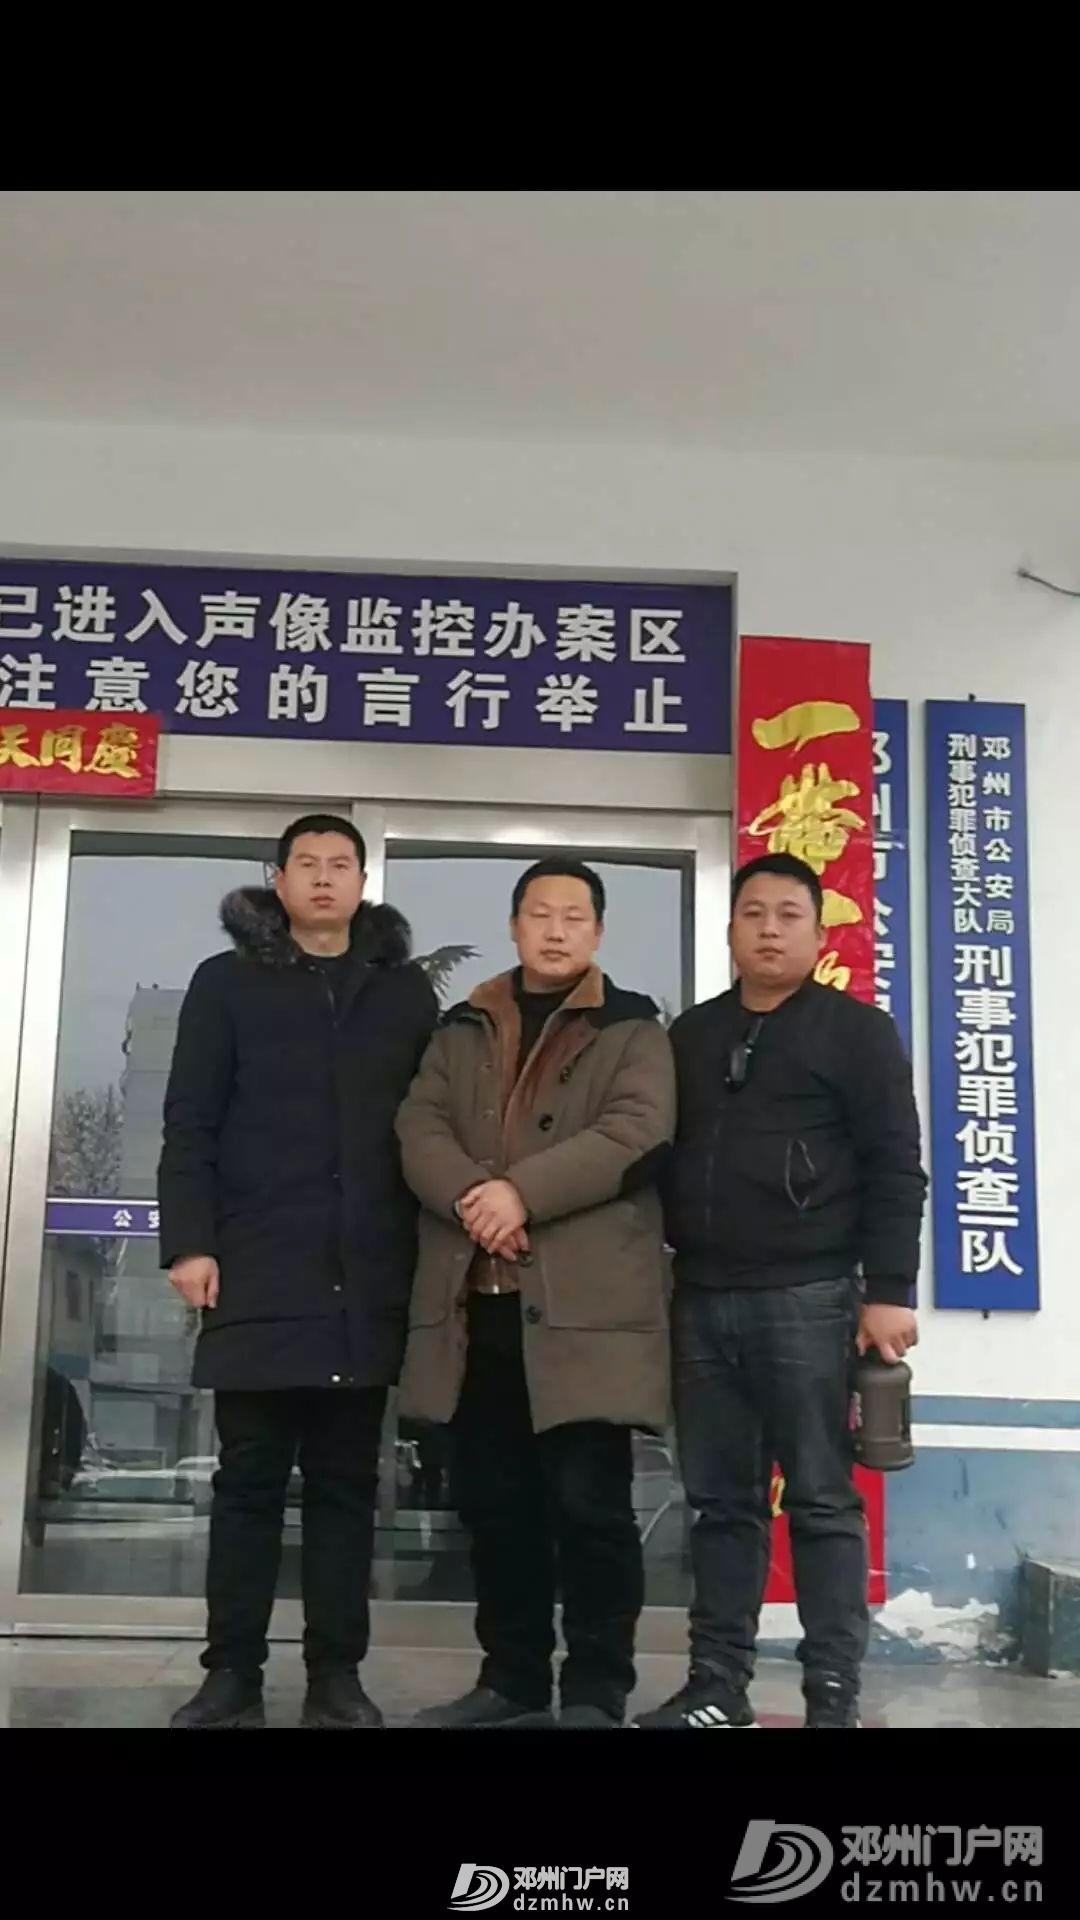 邓州抓获一名生产、销售有毒有害食品在逃人员! - 邓州门户网|邓州网 - 91e434c347c20e10ff6af6da32734e6f.jpg